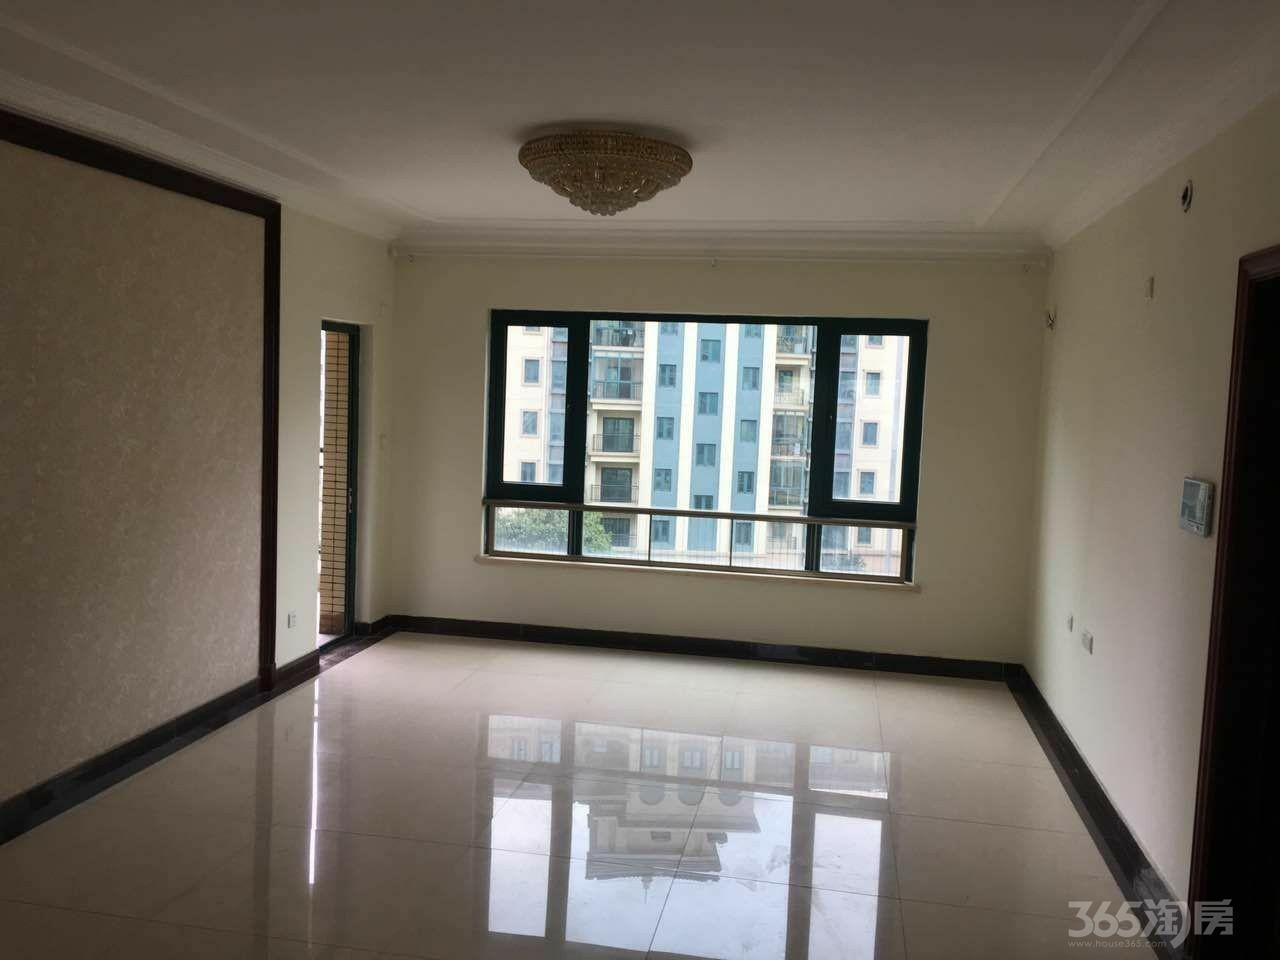 恒大金碧天下4室2厅2卫142平米2012年产权房精装